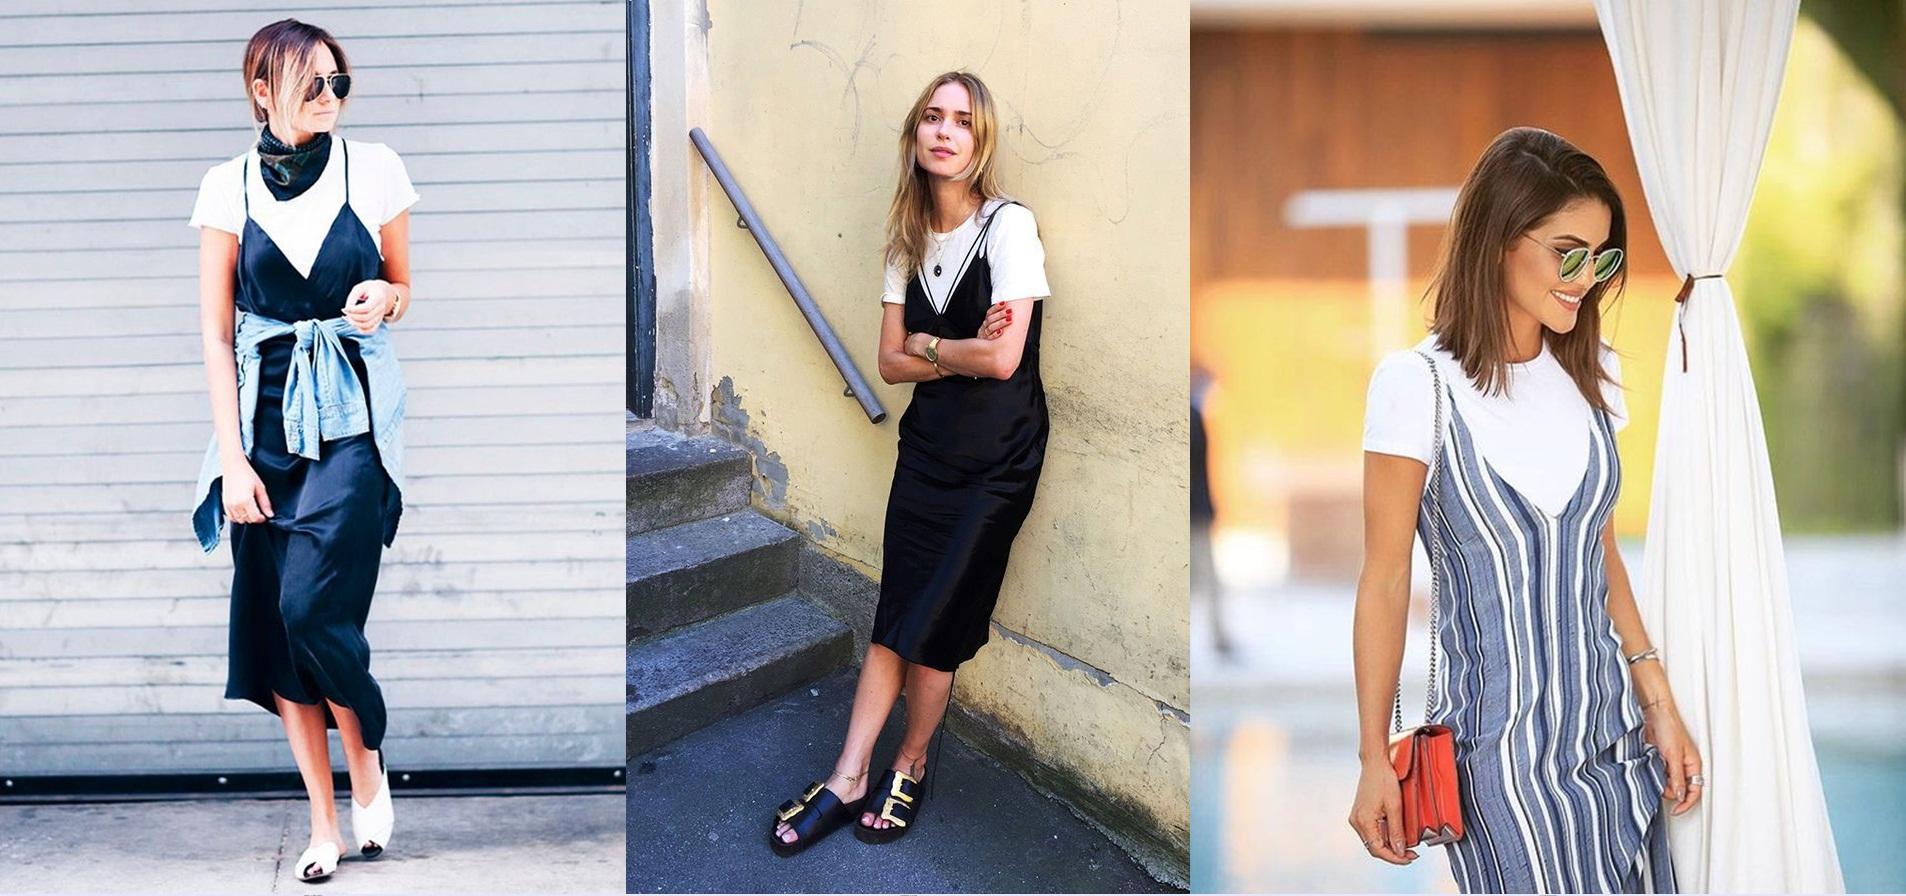 slip-dress Moda de rua: 5 trends para usar no Look do Trabalho